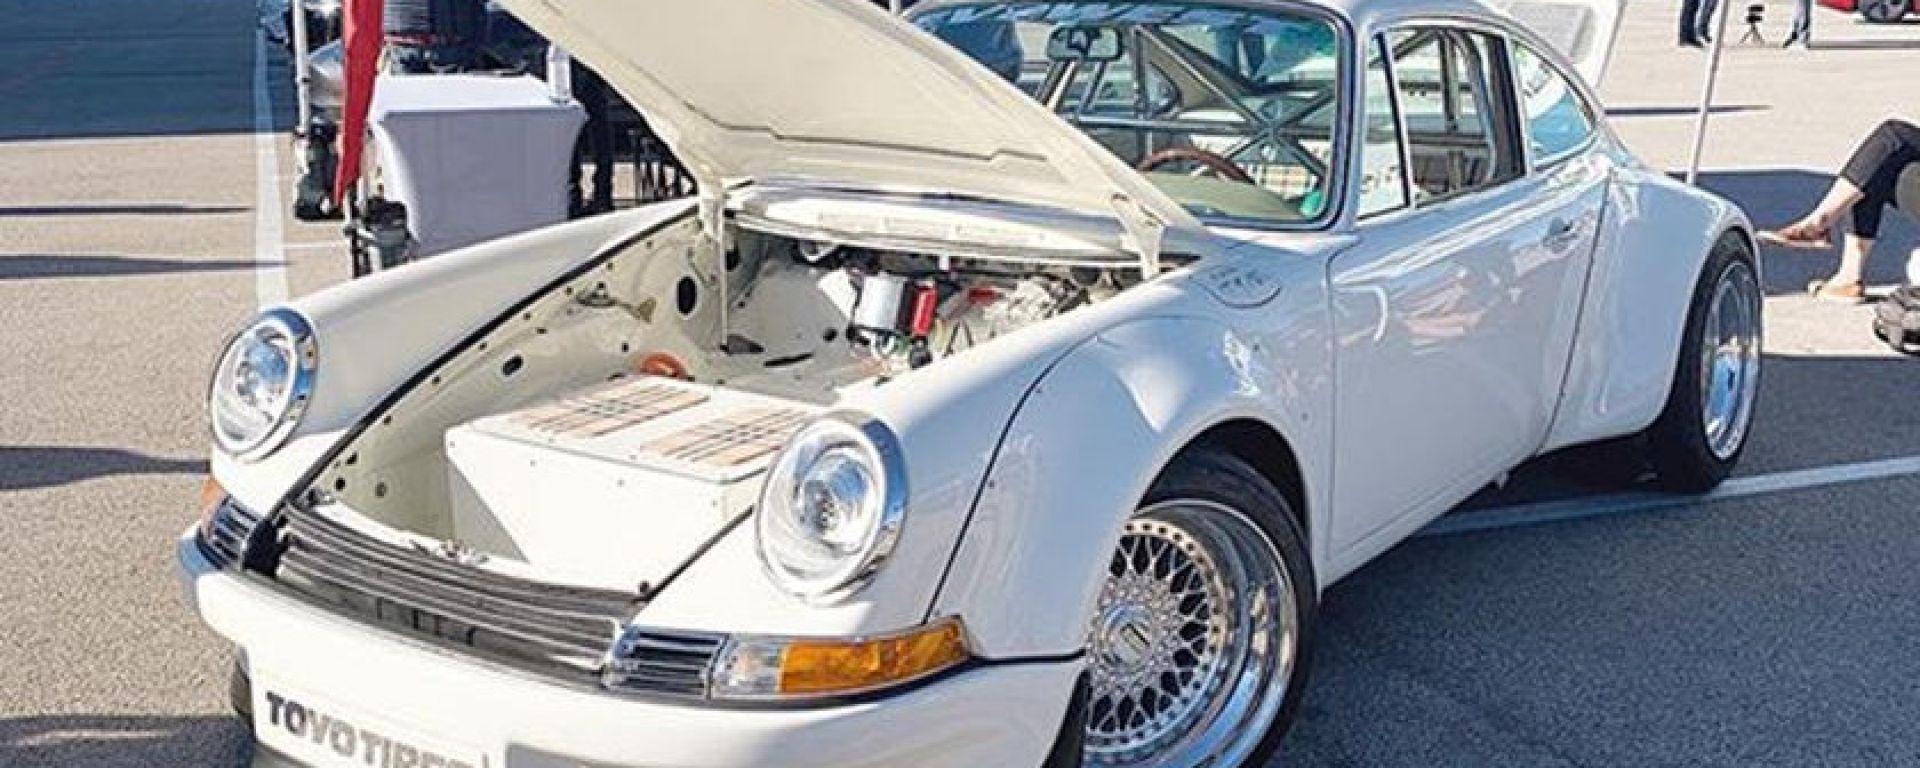 Cosa hanno in comune una 911, una S2000 e un'Evora? Il motore Tesla